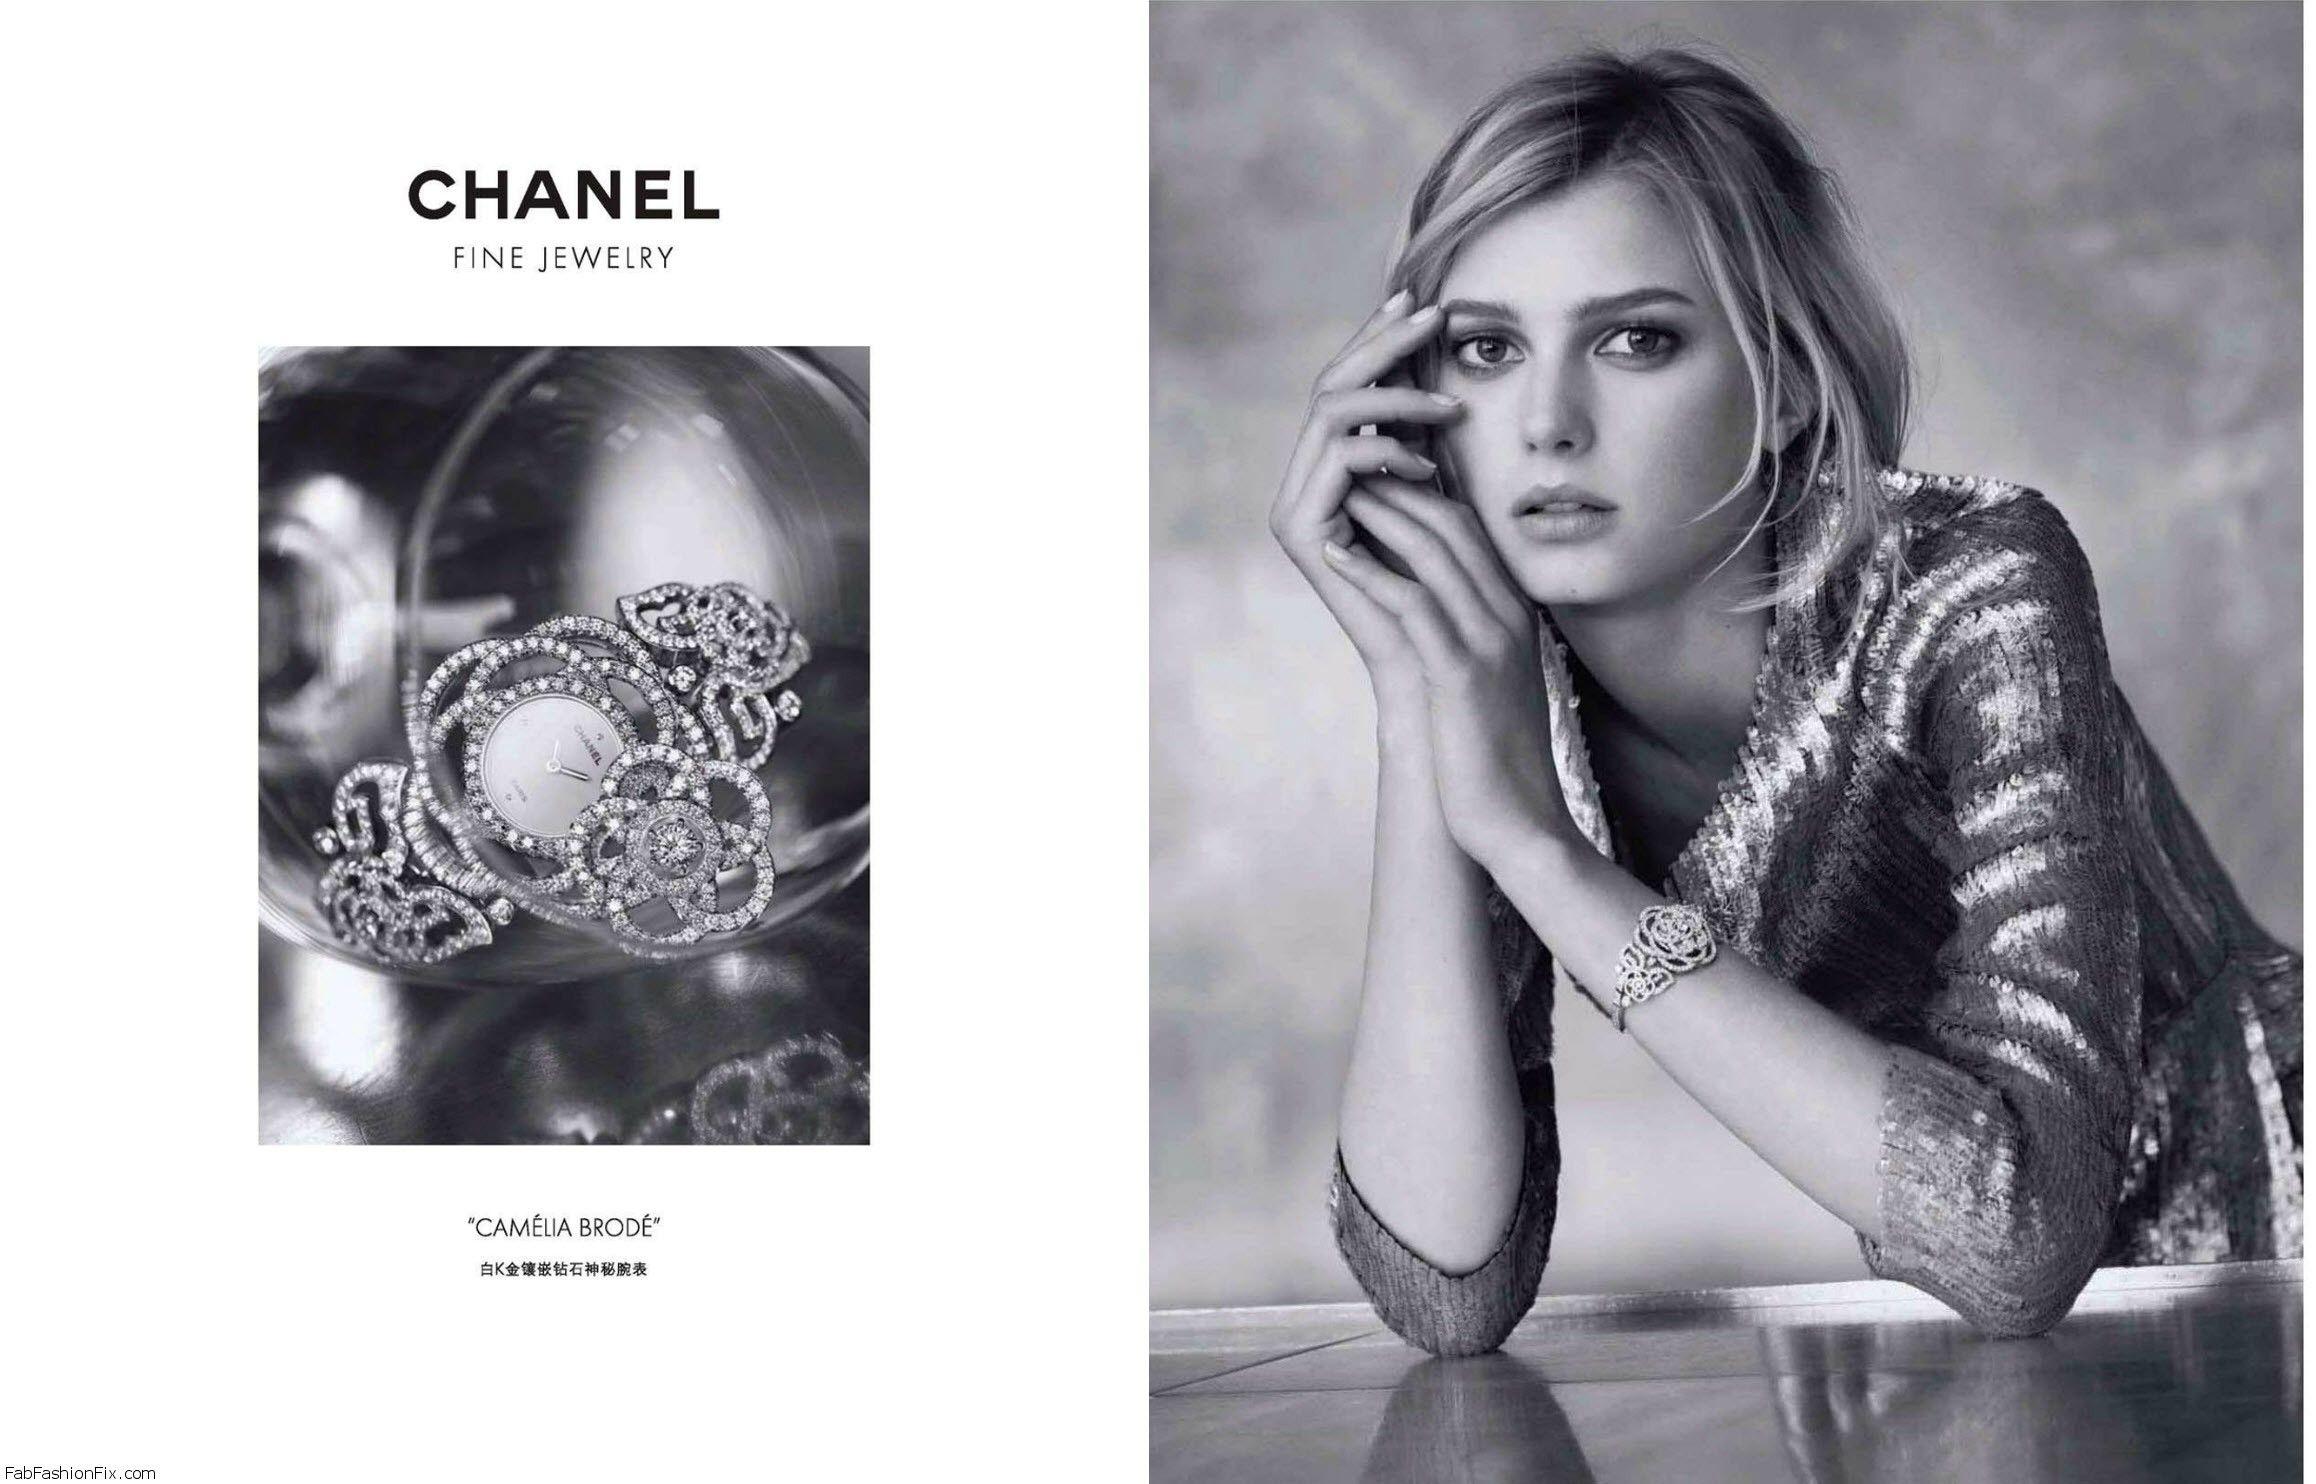 Chanel_Joaillerie_2013_SS_Fine_Jewelry_2.jpg